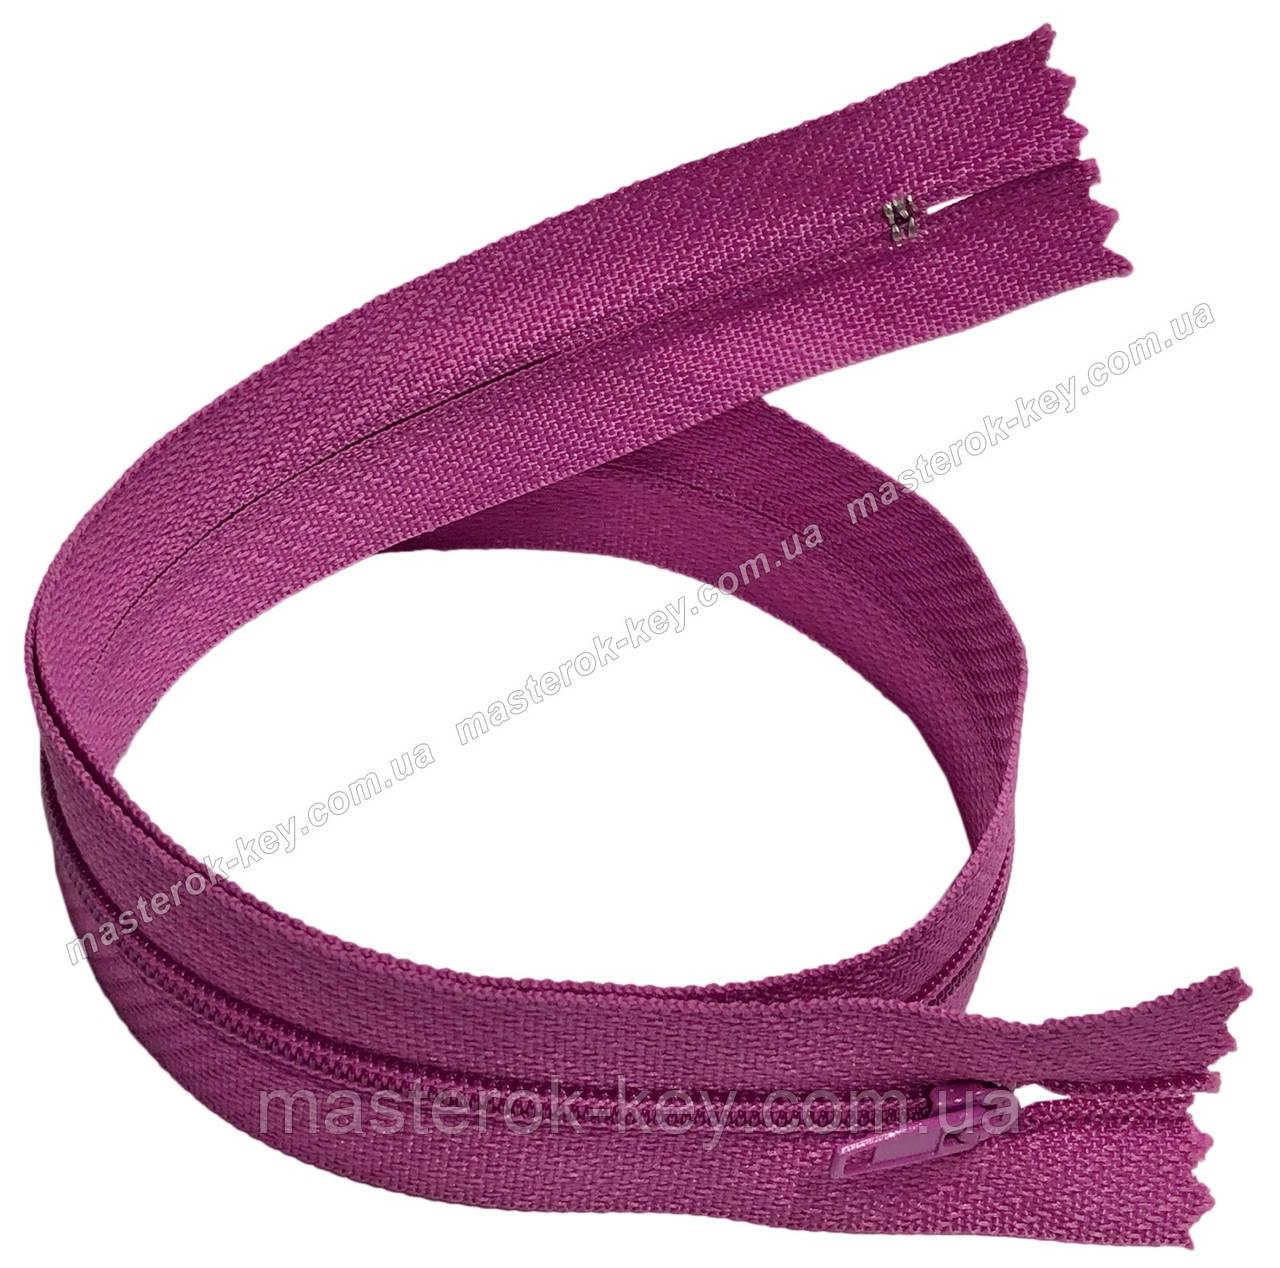 Молния плательная Тип 3 50см неразъемная цвет Розово-сиреневый 524